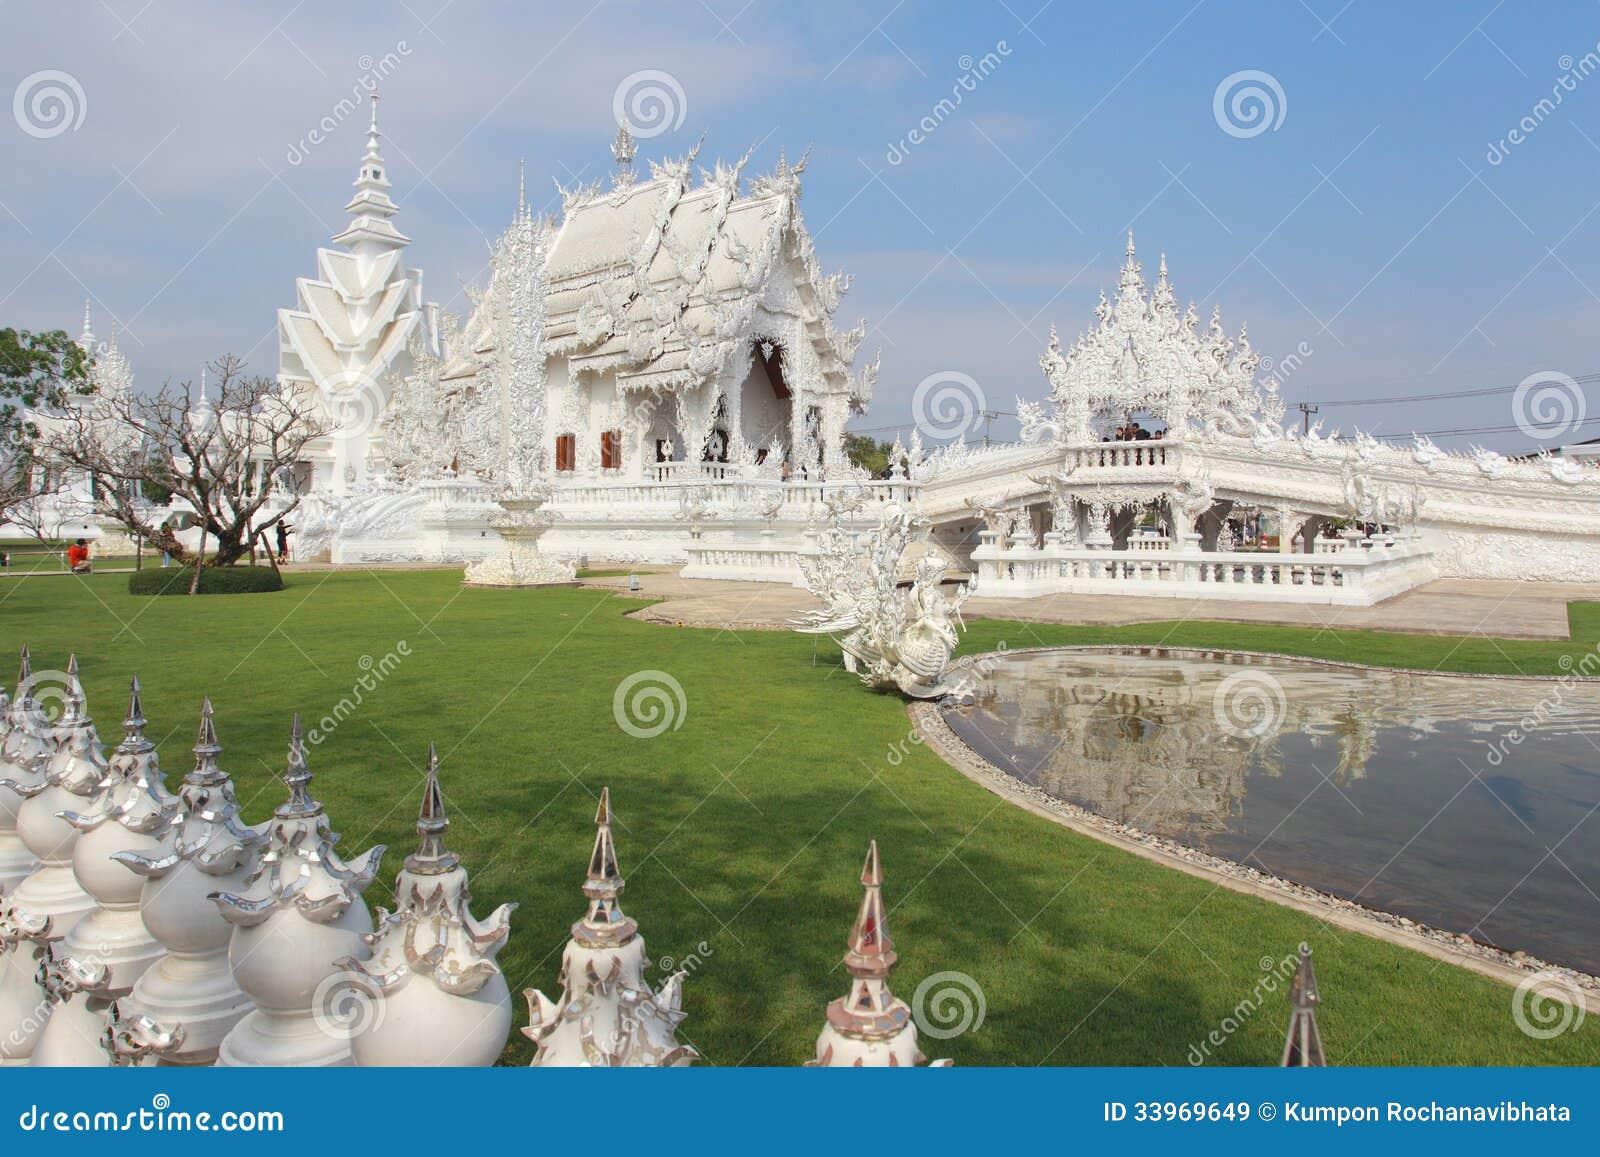 去泰国免筺(_寺庙在泰国 免版税库存图片 - 图片: 33969649